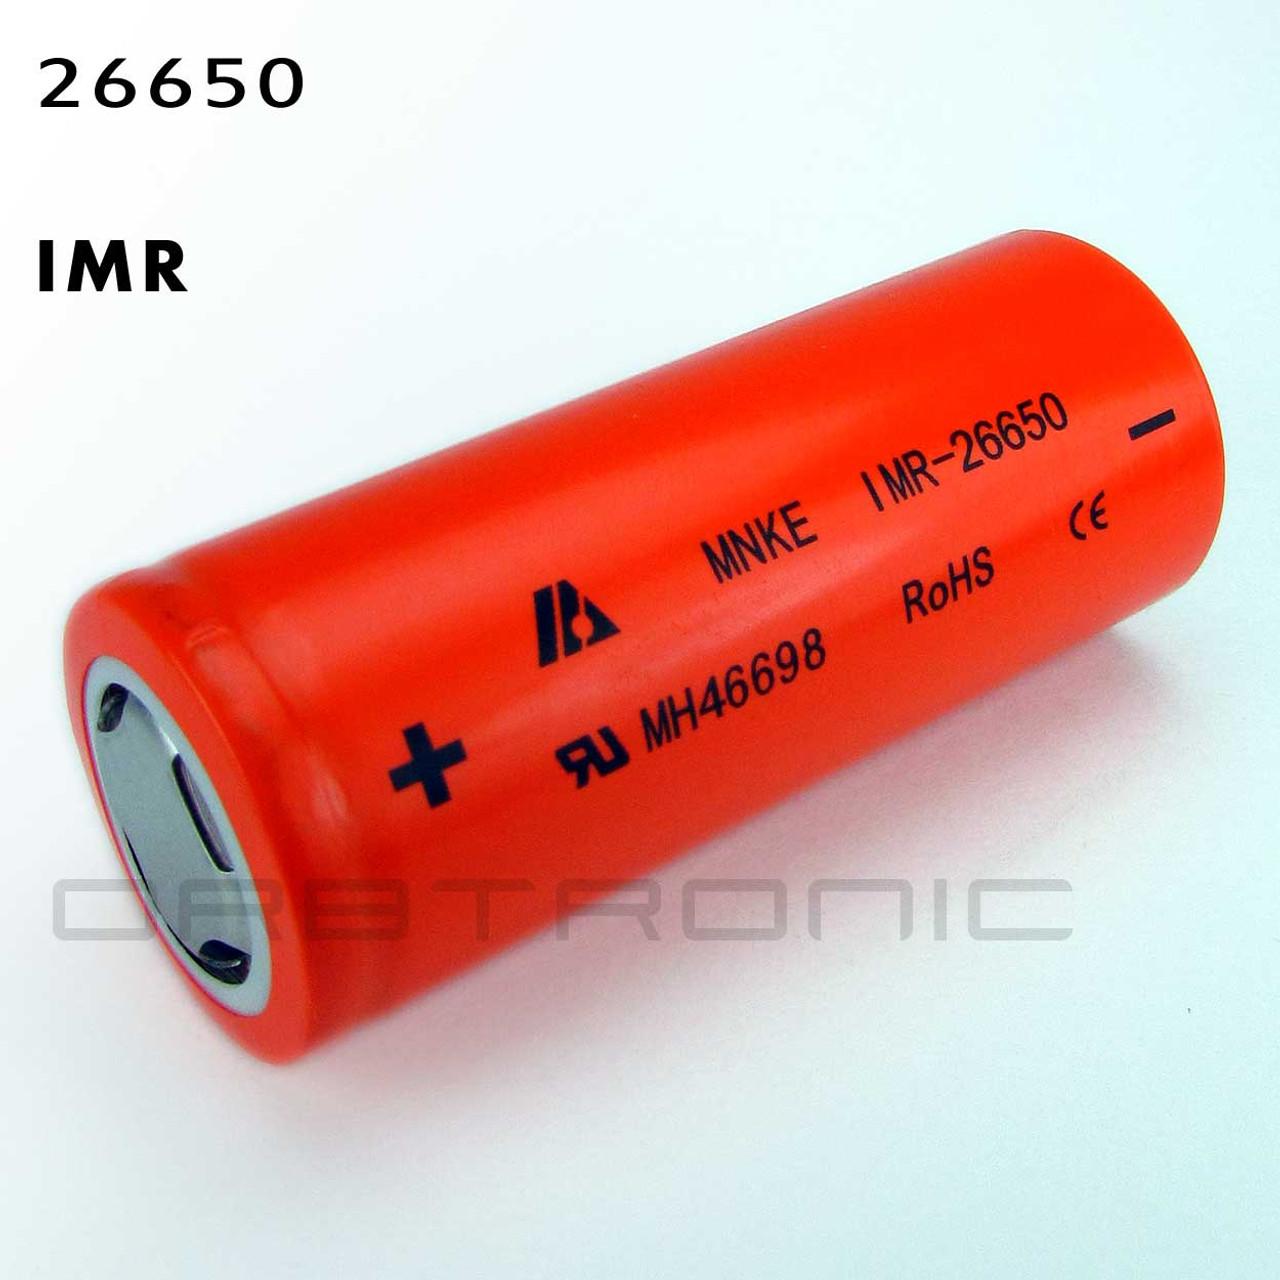 26650 Imr Mnke 3800mah Battery Cell 3 8v